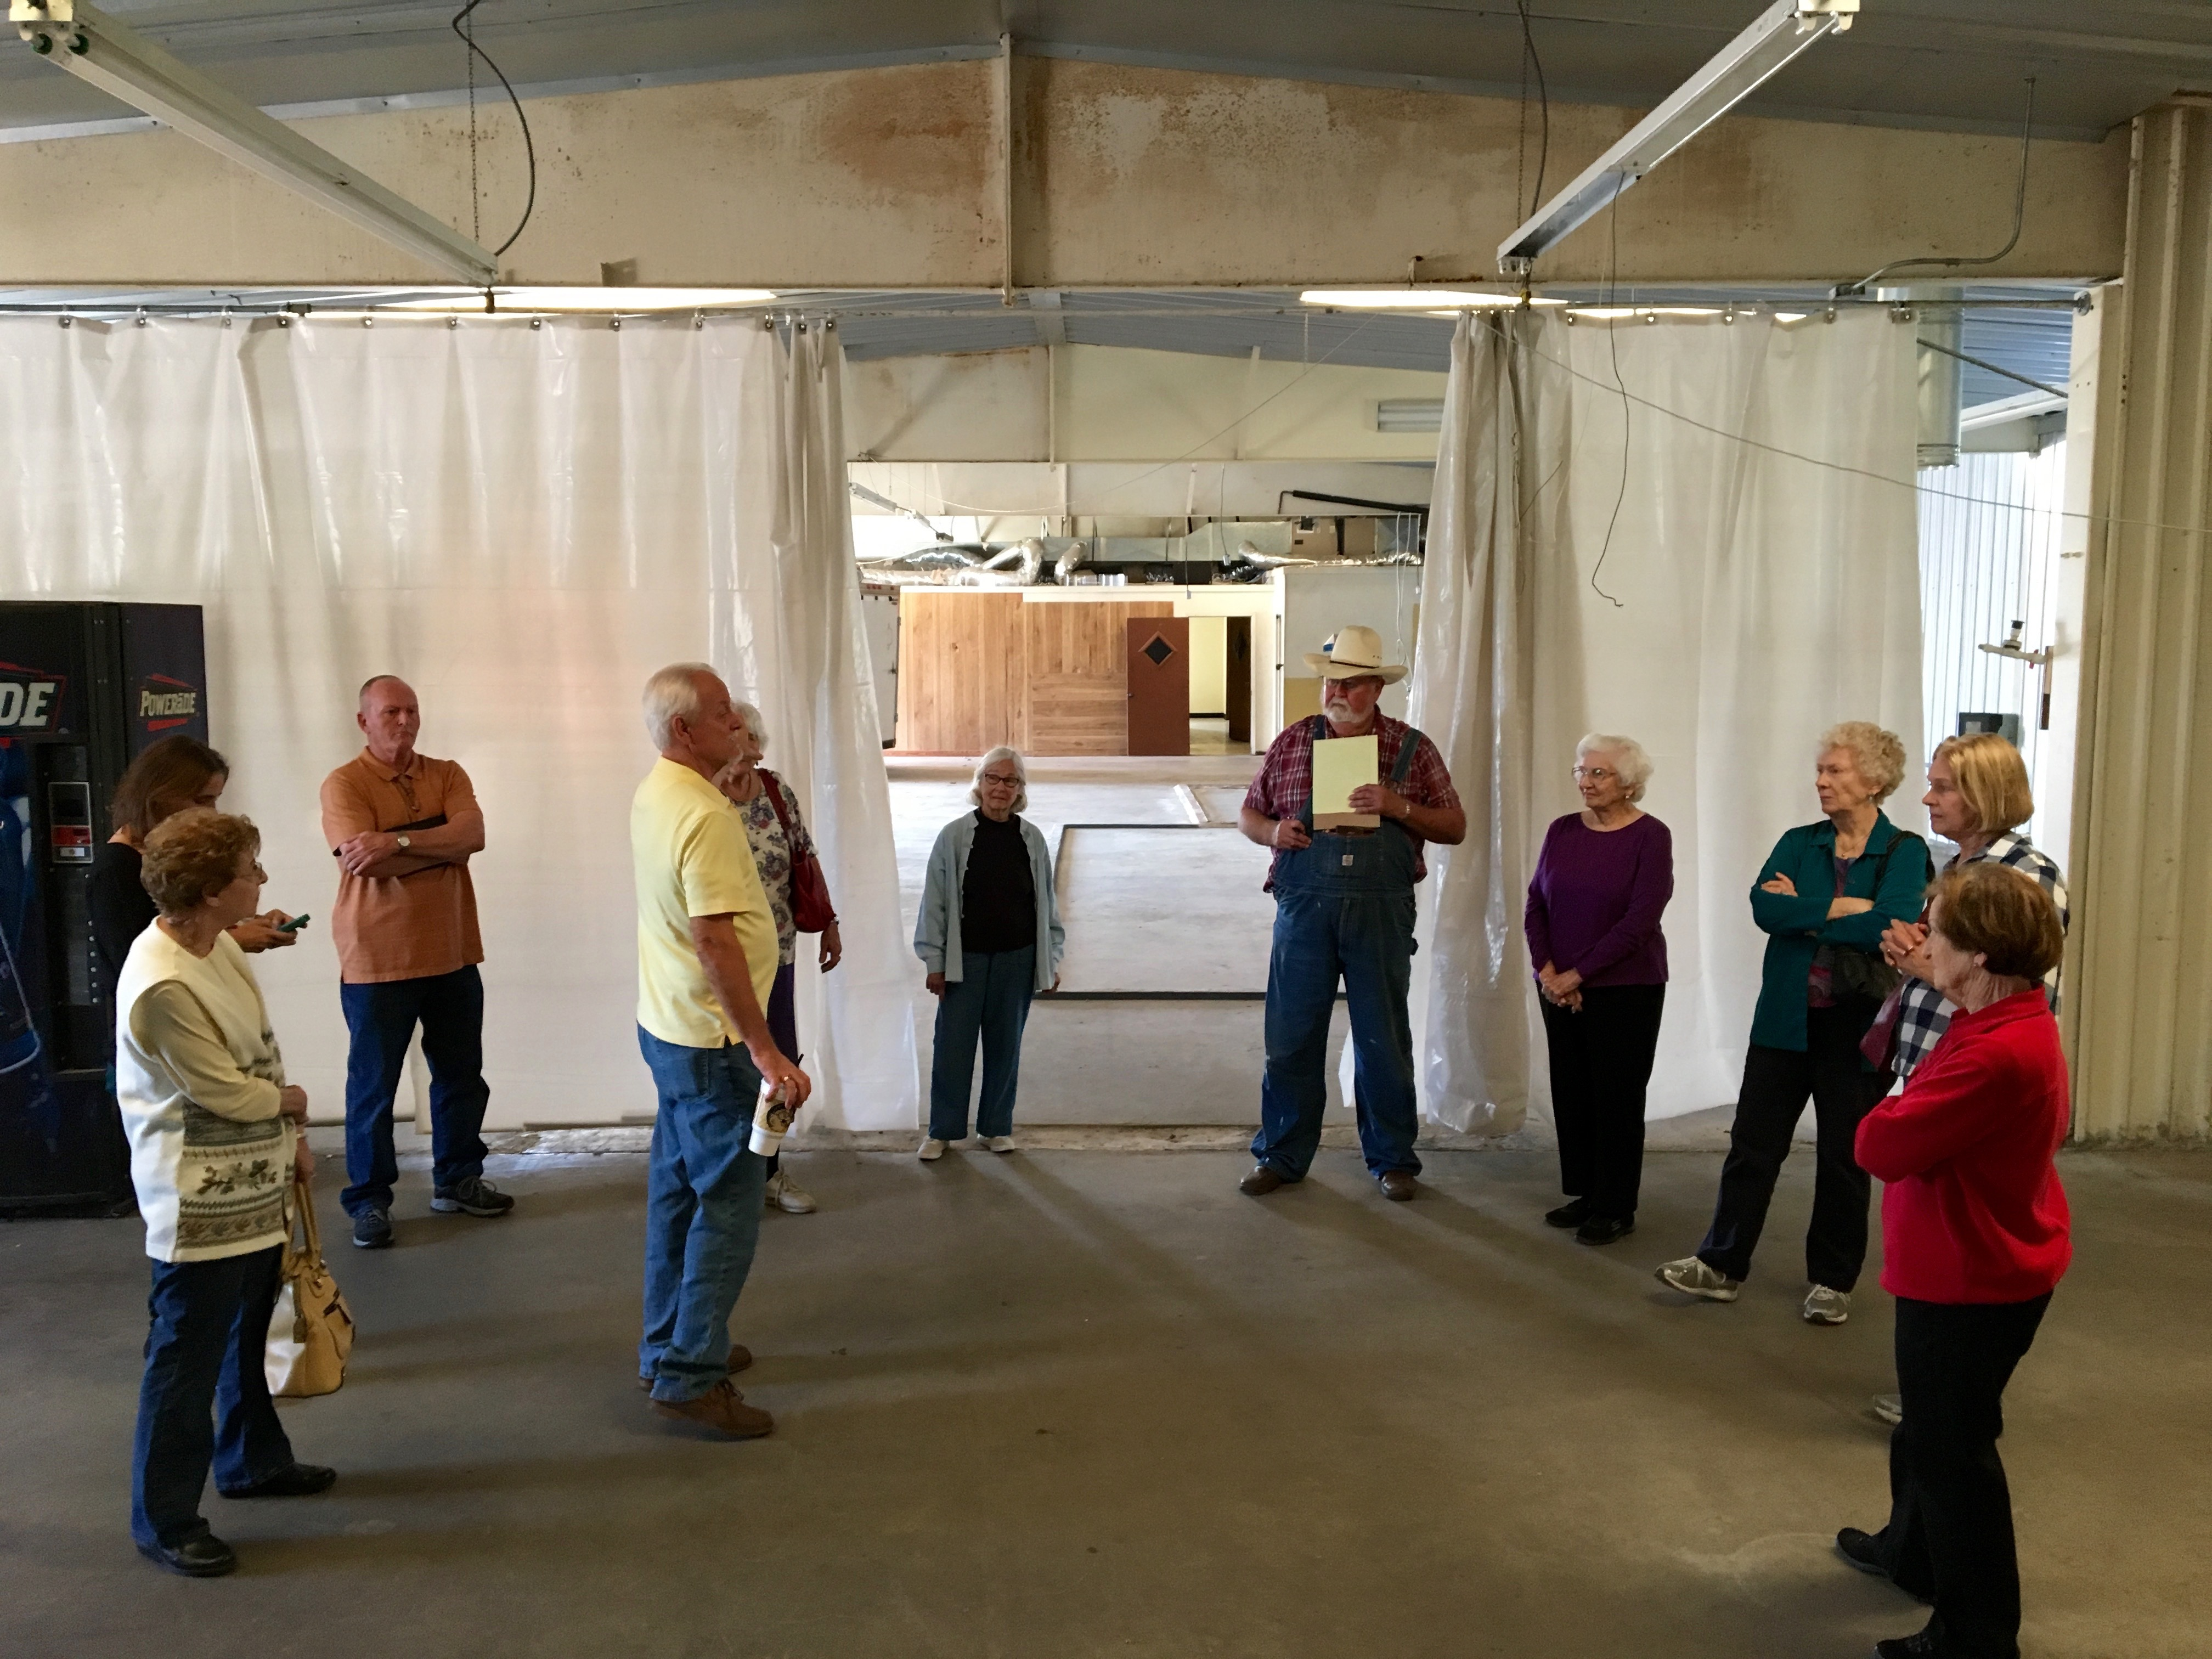 Food Pantry Volunteers Imagine New Home